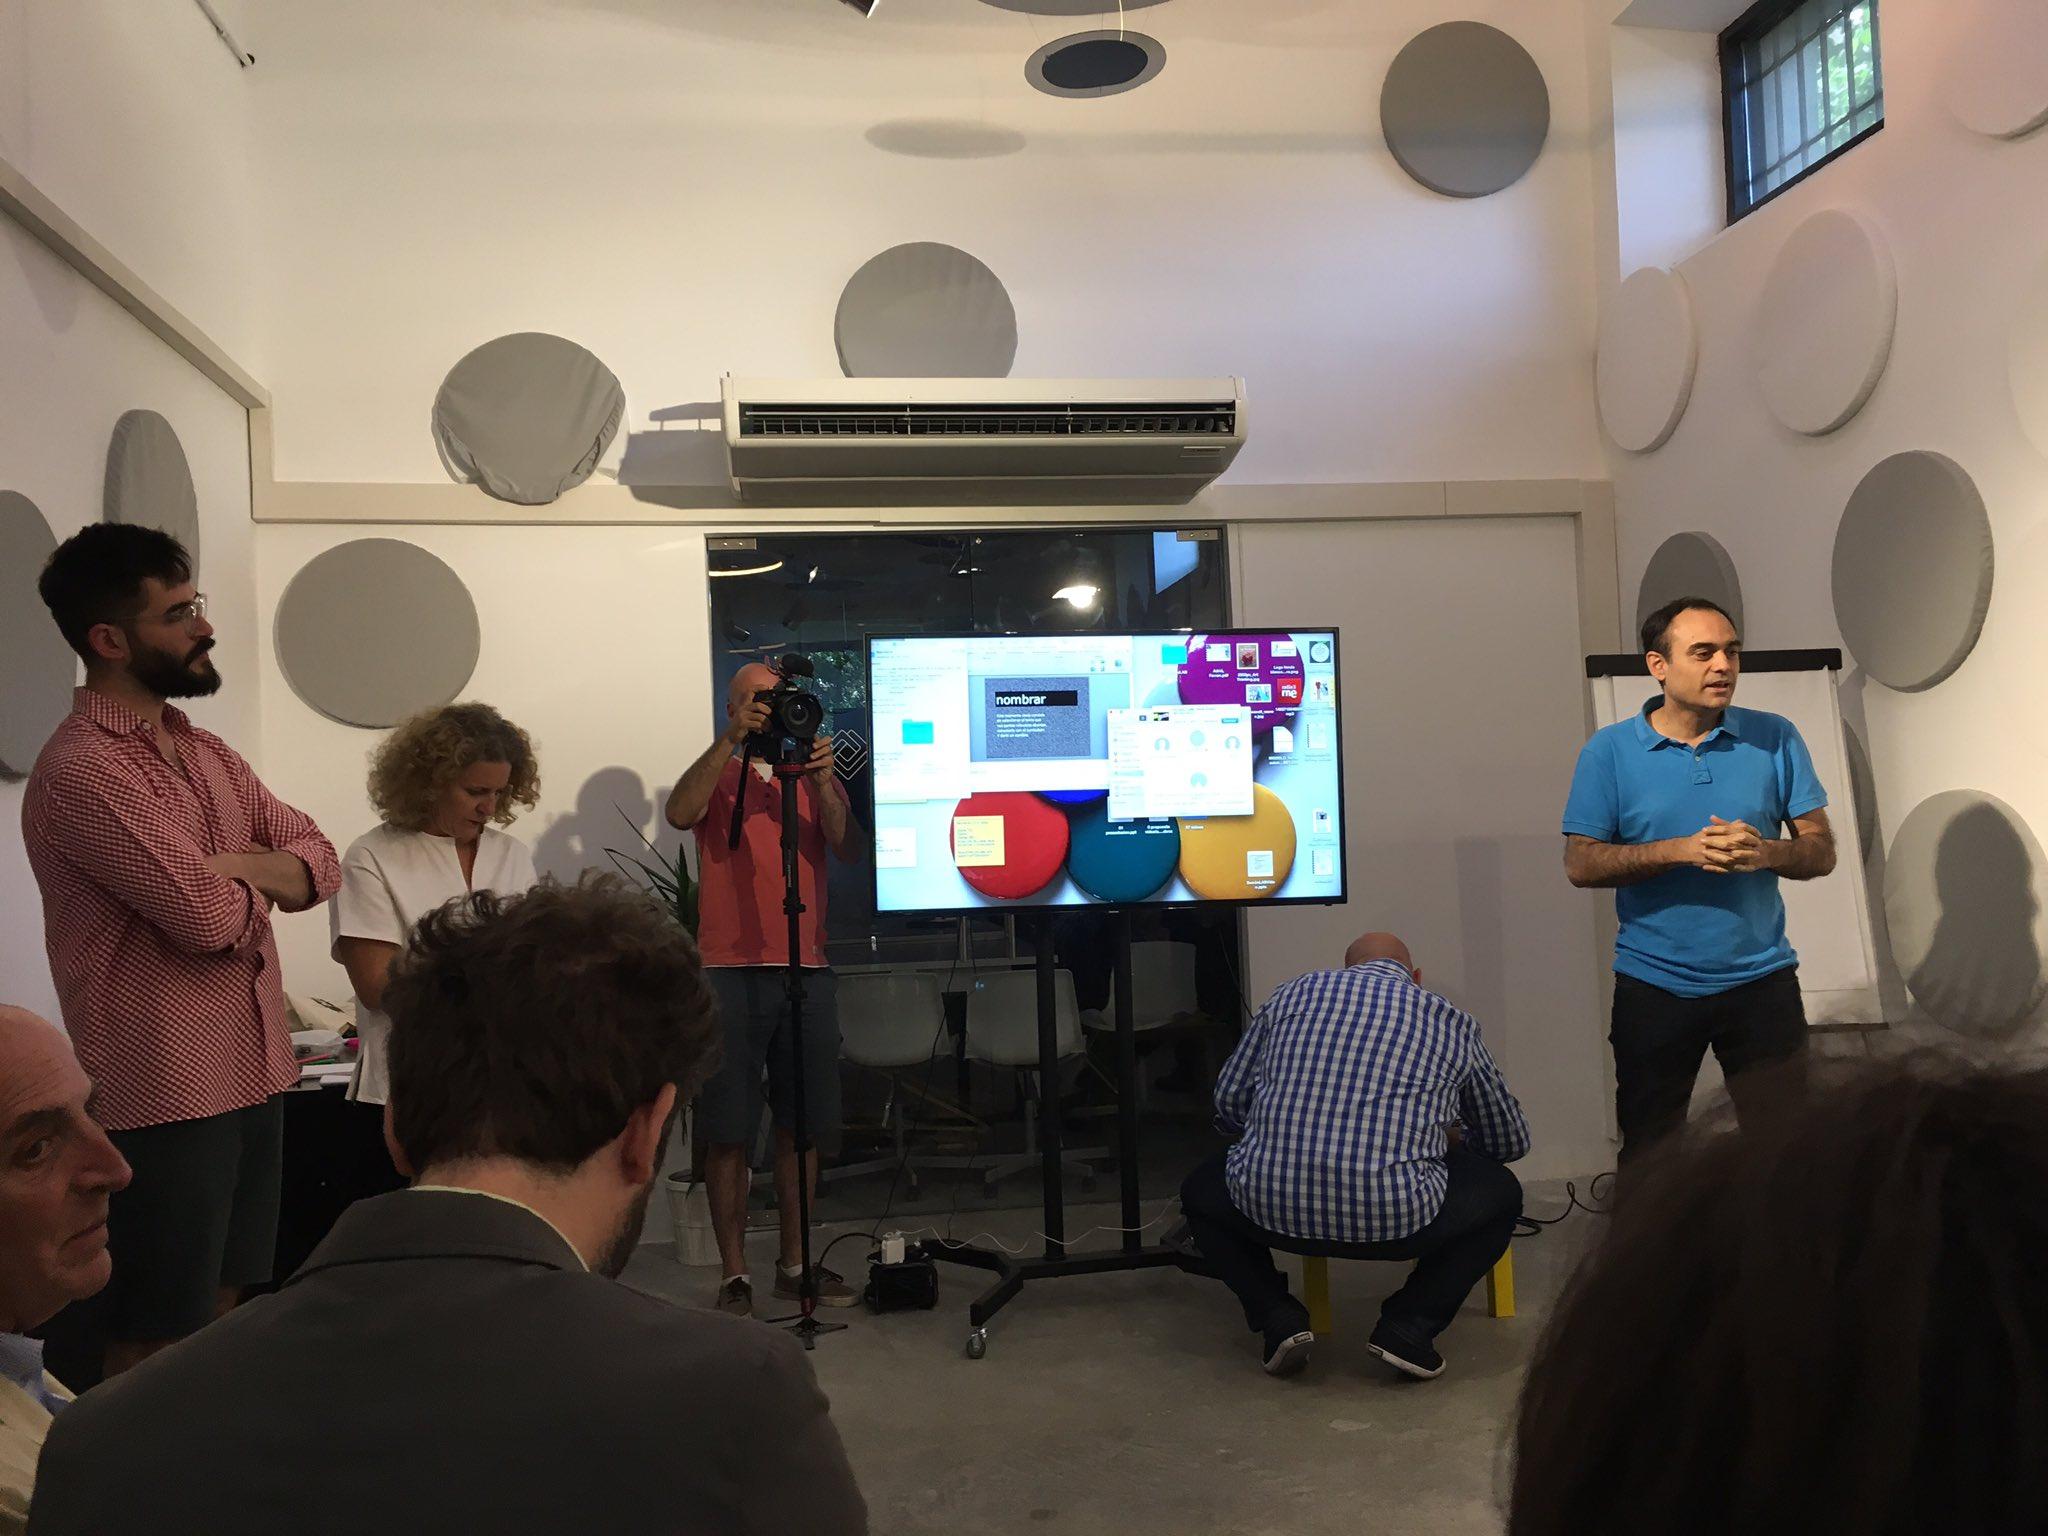 #SantillanaLAB es el momento de presentar los #prototipos #sexy #innovador # inspirador #intercambio https://t.co/hAYSiCR9rv